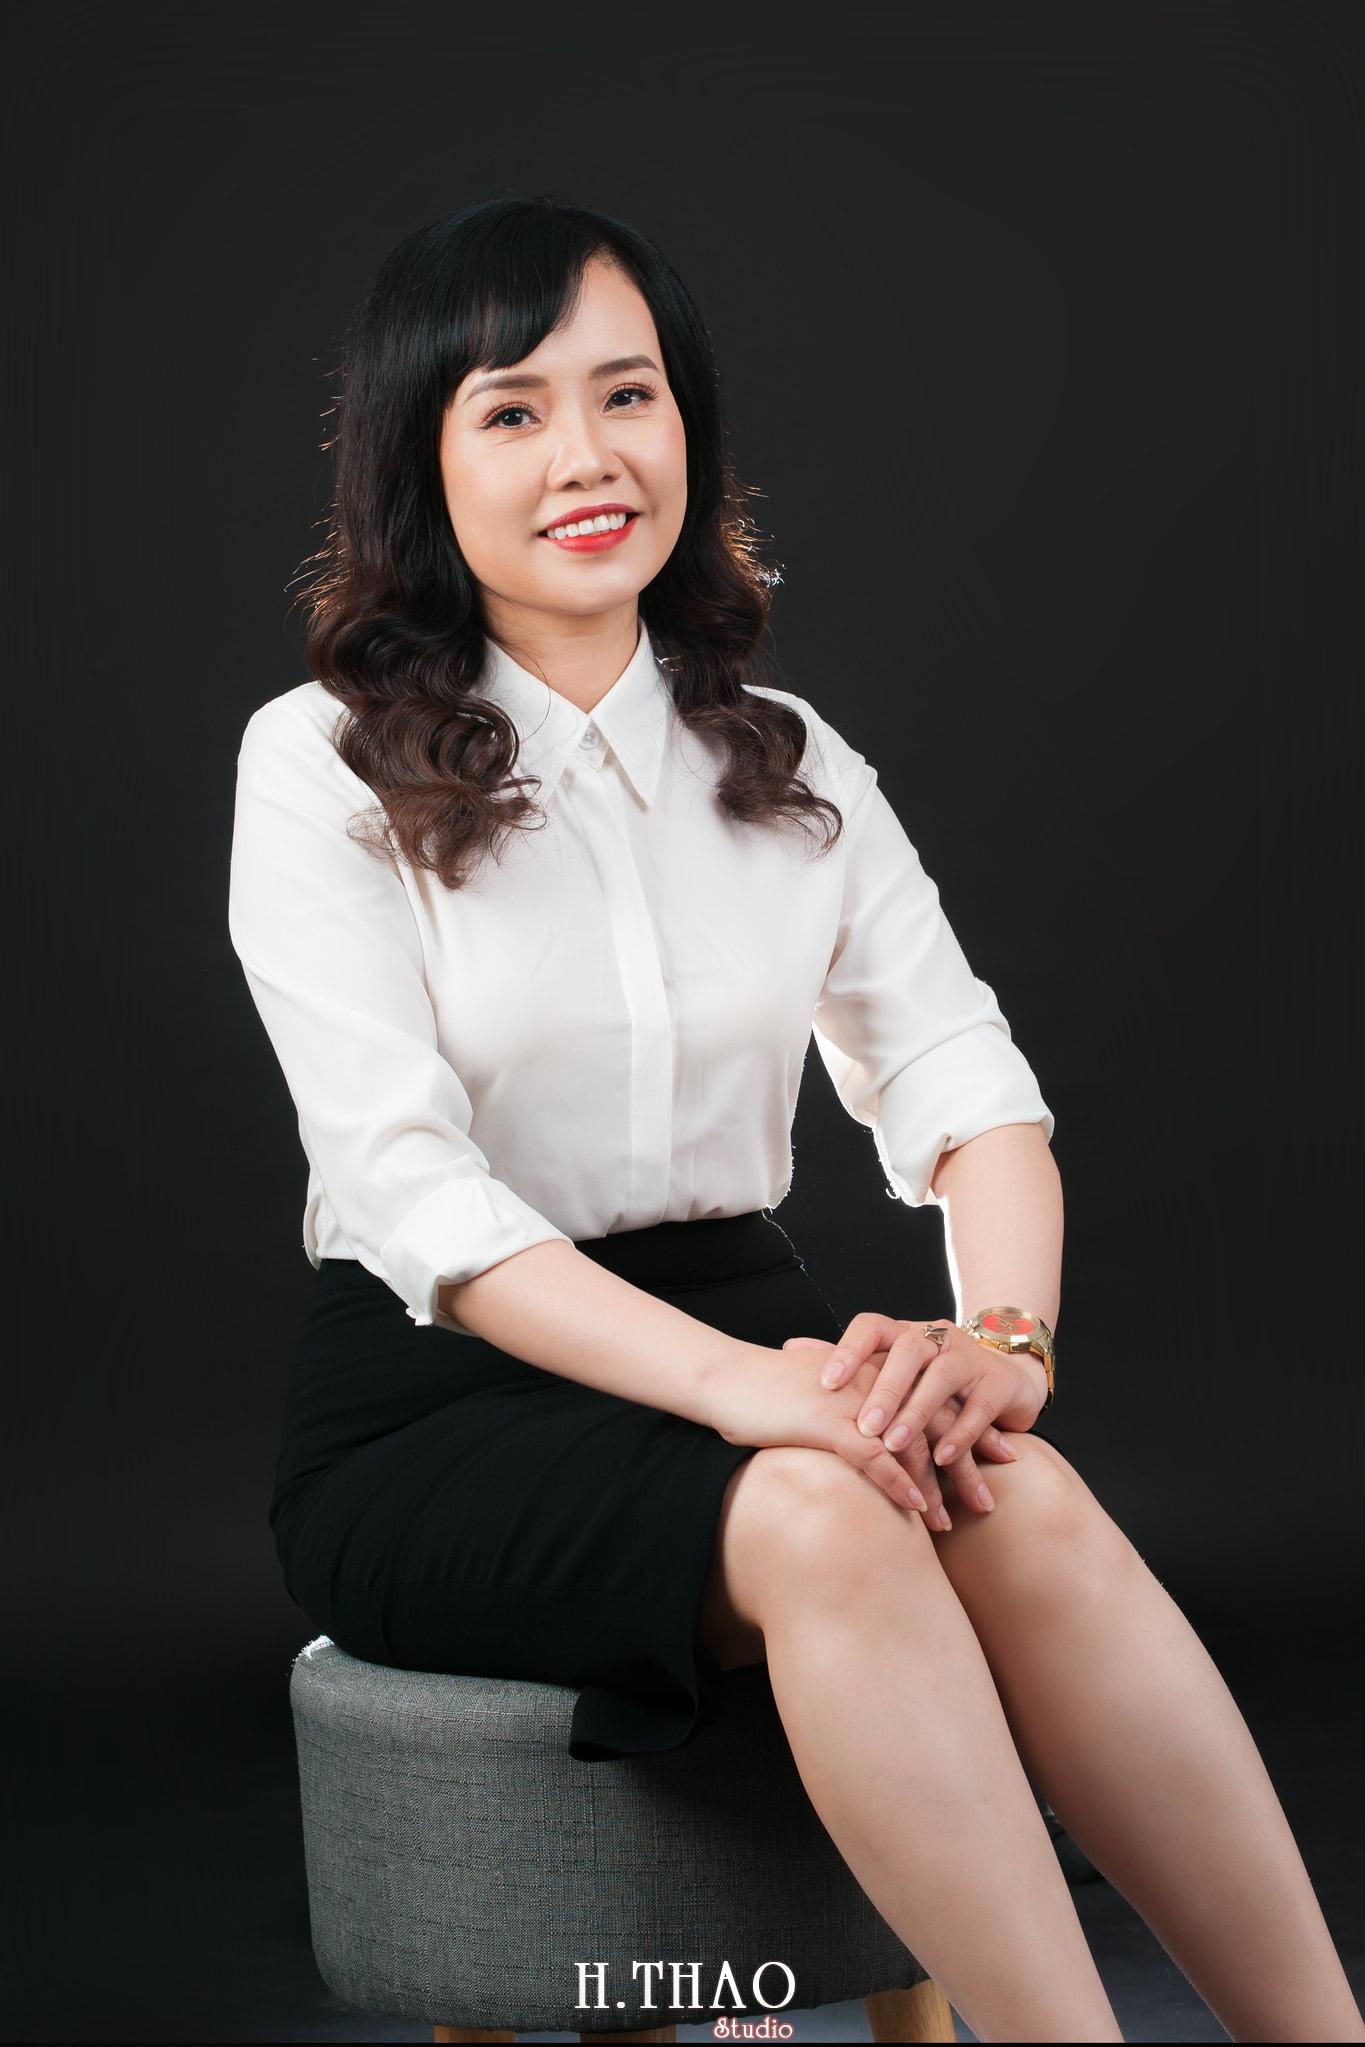 Thu Trang 17 - Chụp ảnh nữ doanh nhân Thu Trang tại HThao Studio – Tp.HCM